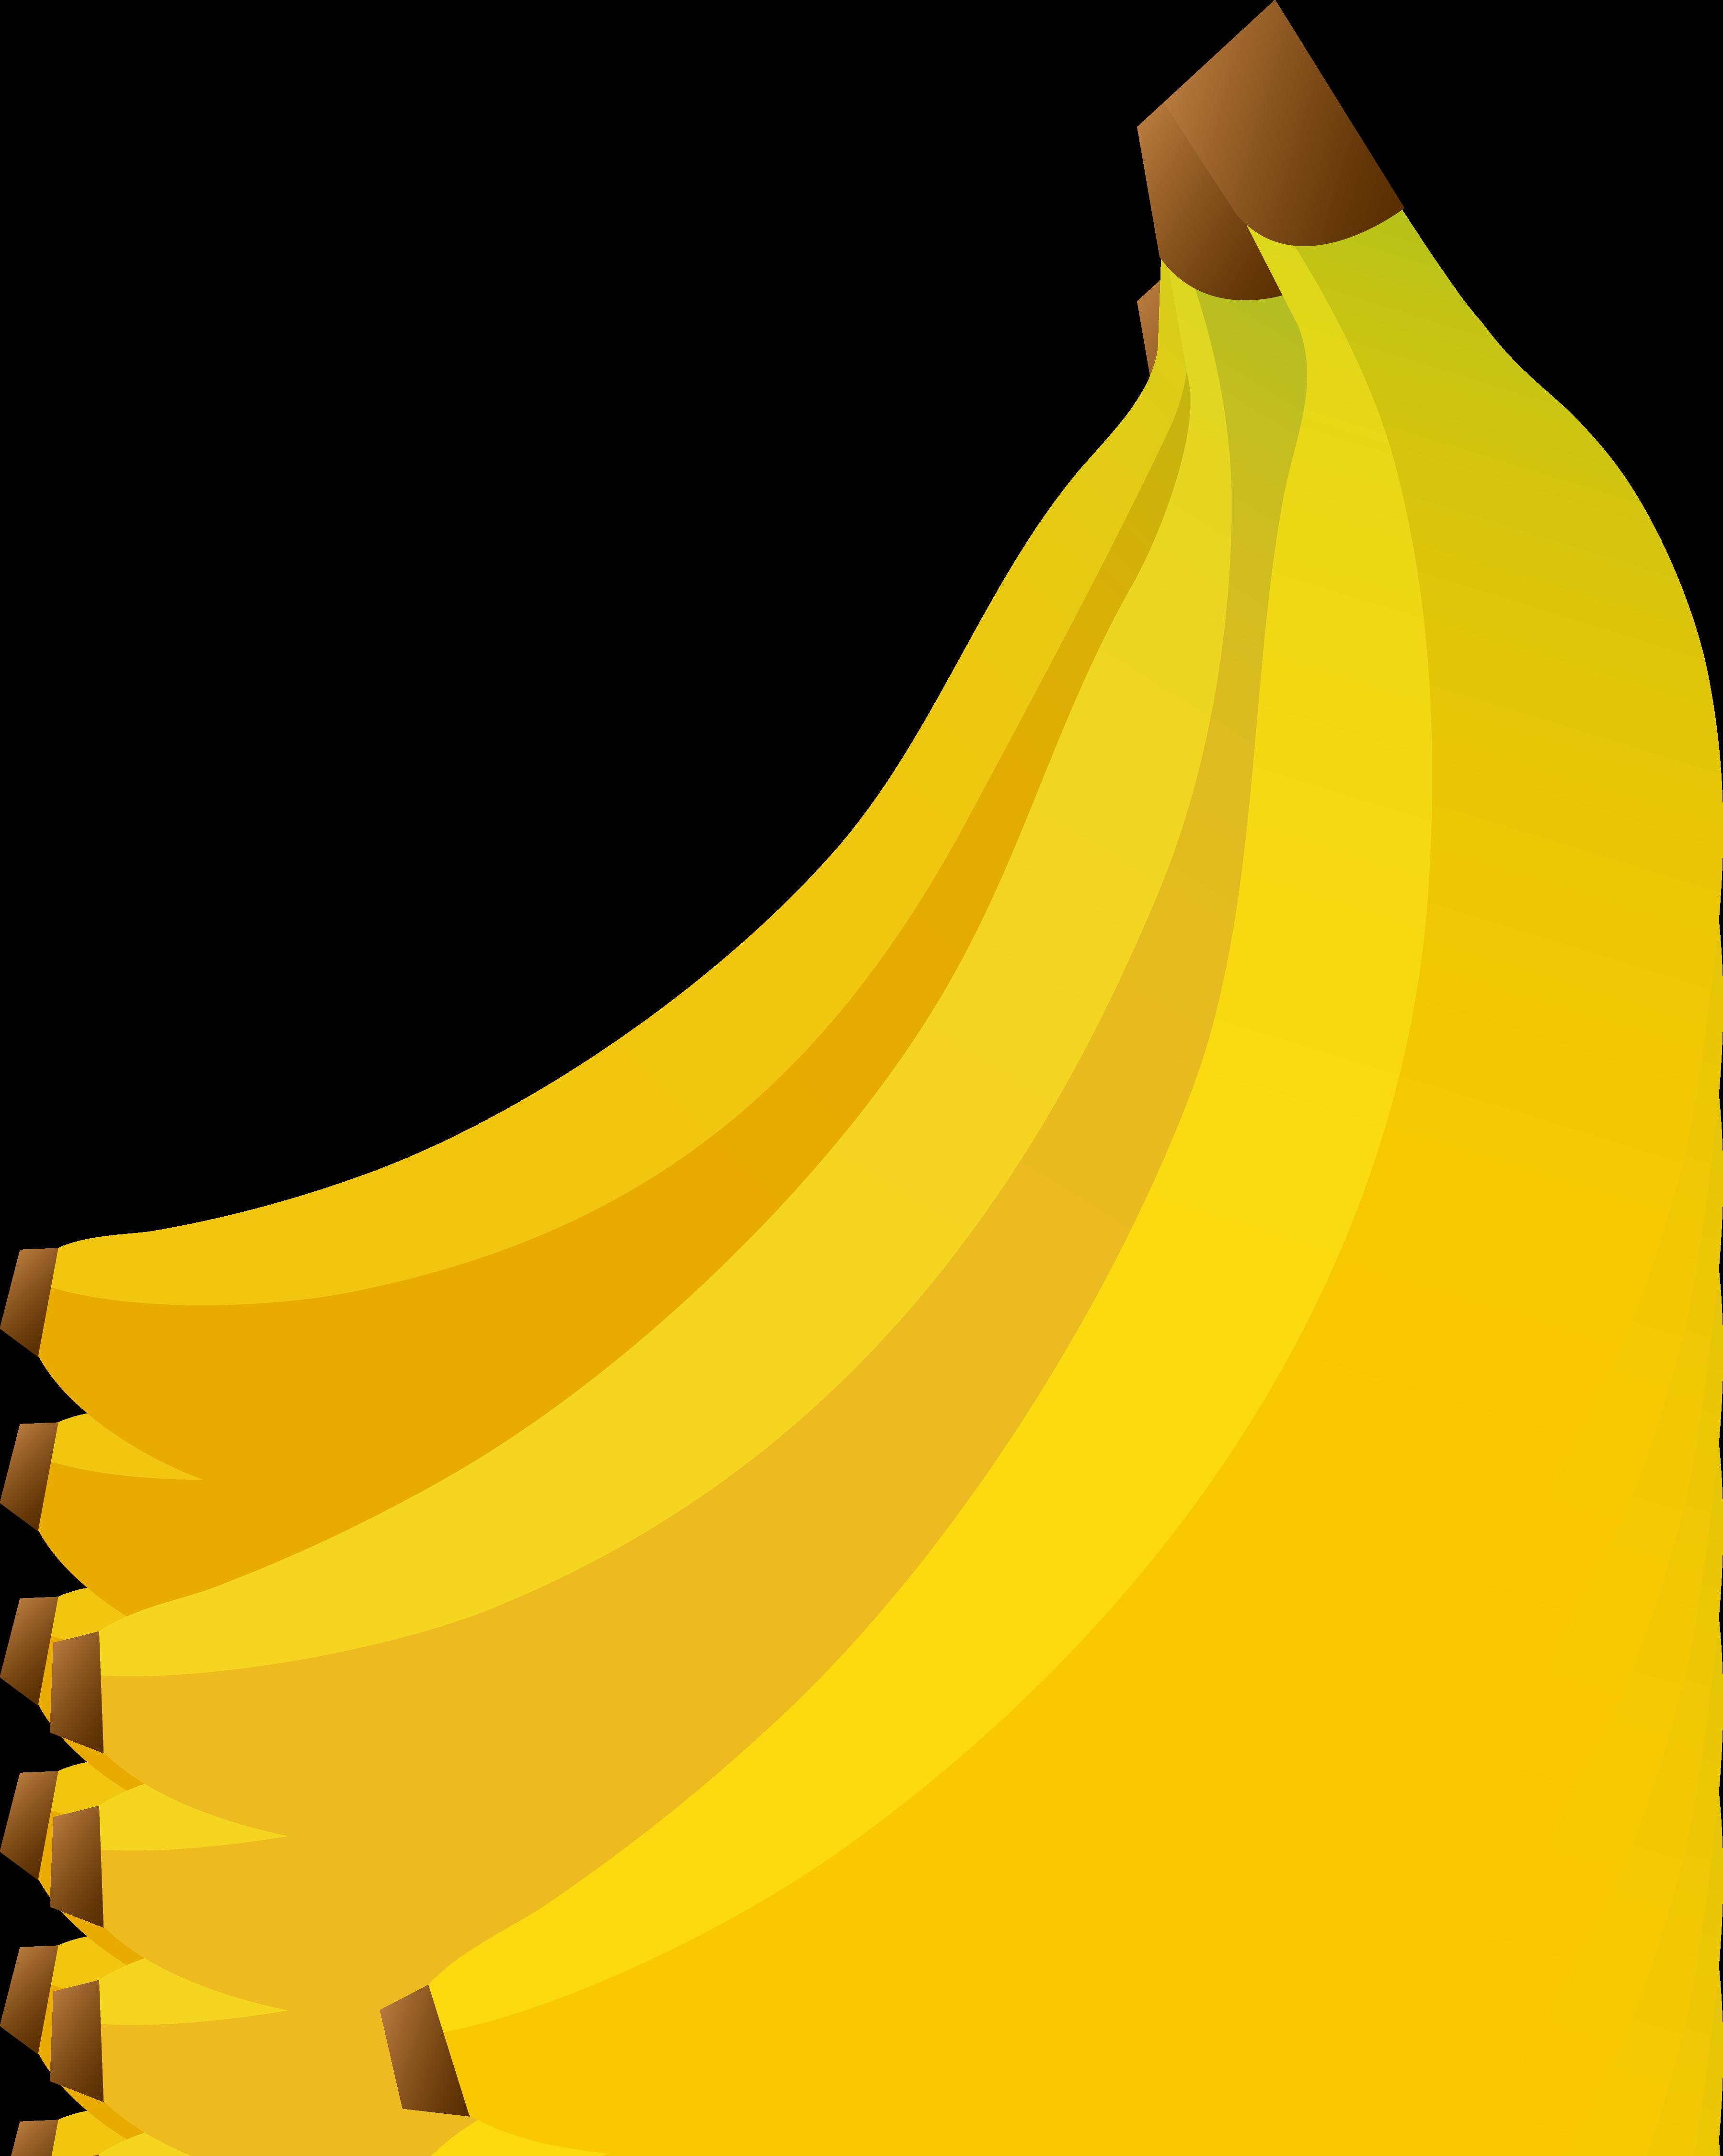 Banana clipart yellow banana. Bananas free image